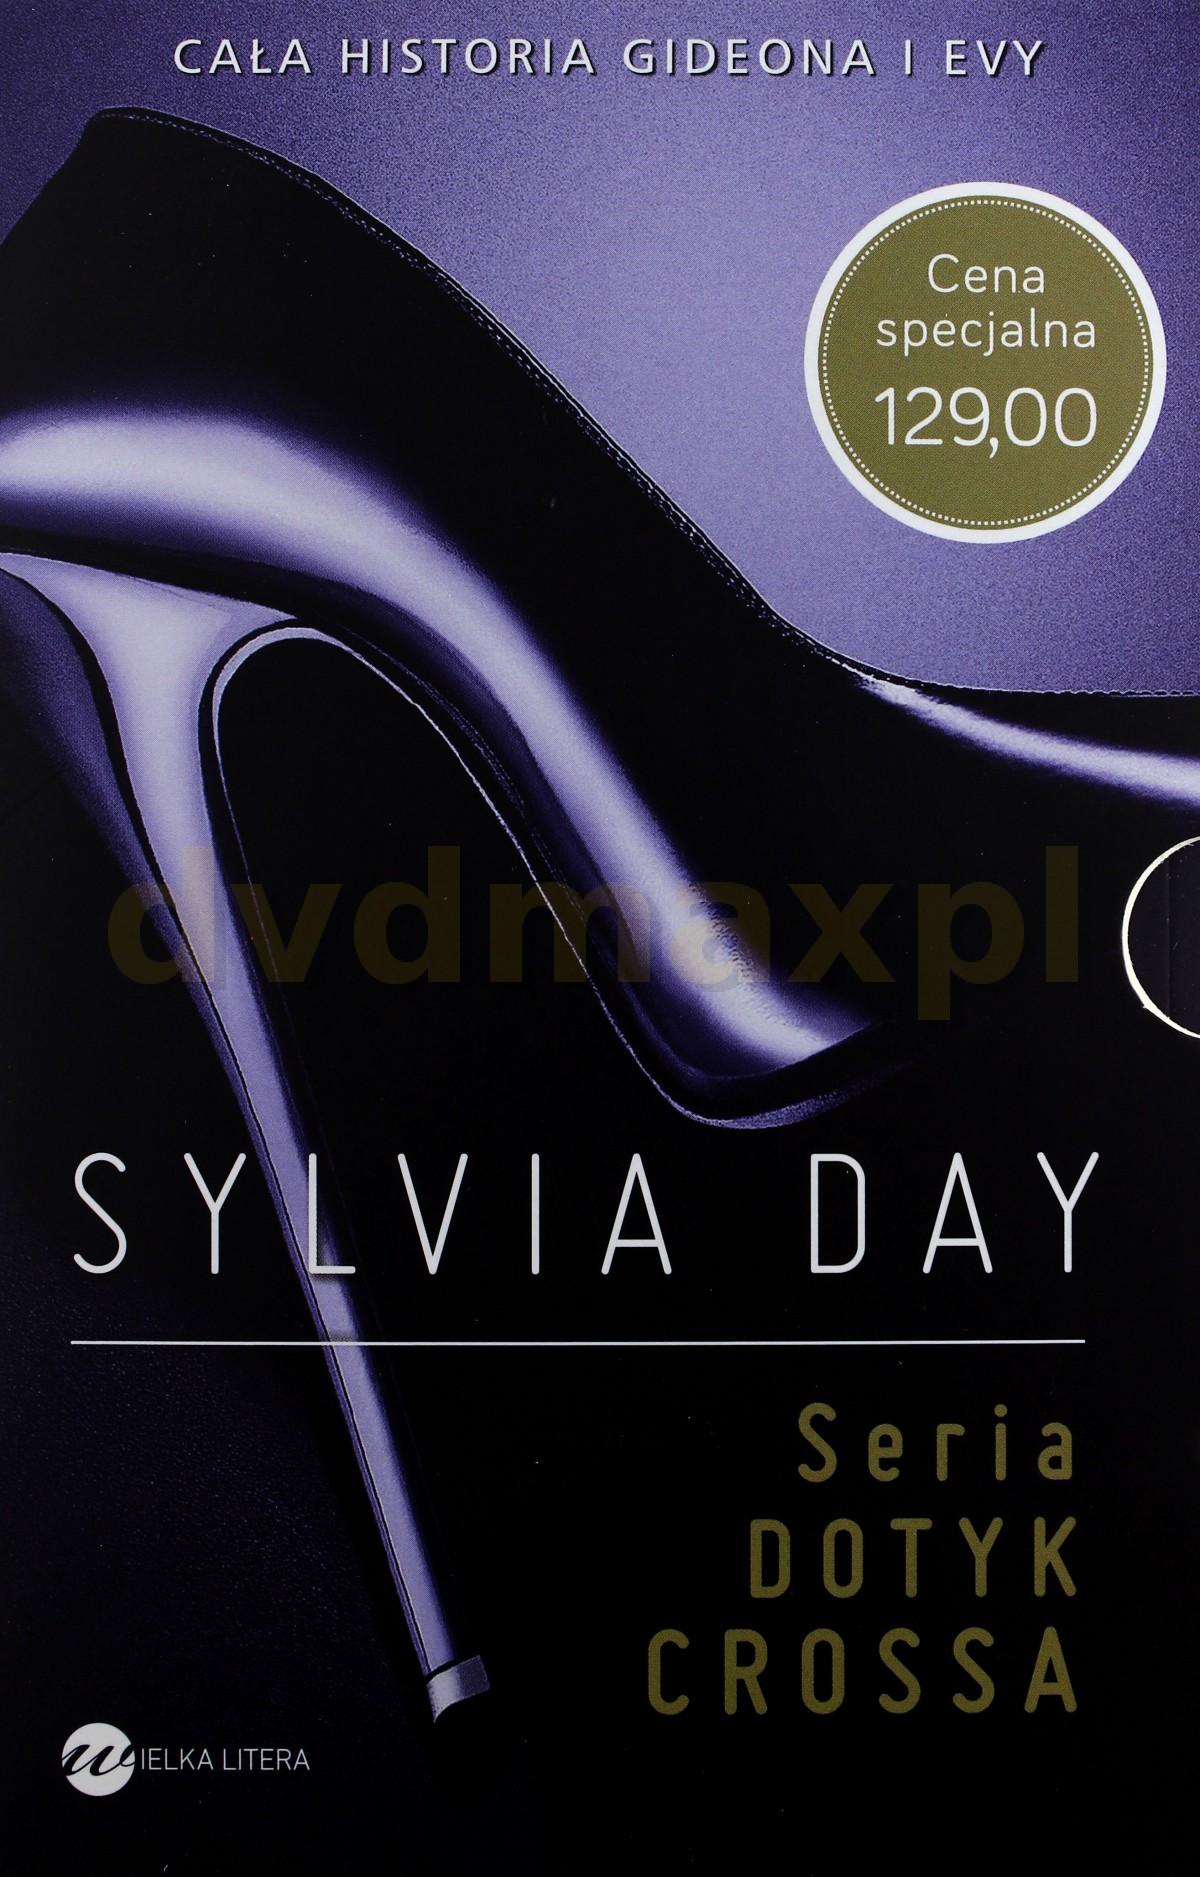 Cross Kolekcja 5 Tomów: Dotyk Crossa / Płomień Crossa / Wyznanie Crossa / Wybór Crossa / Tylko Cross [BOX] - Sylvia Day [KSIĄŻKA] - Sylvia Day